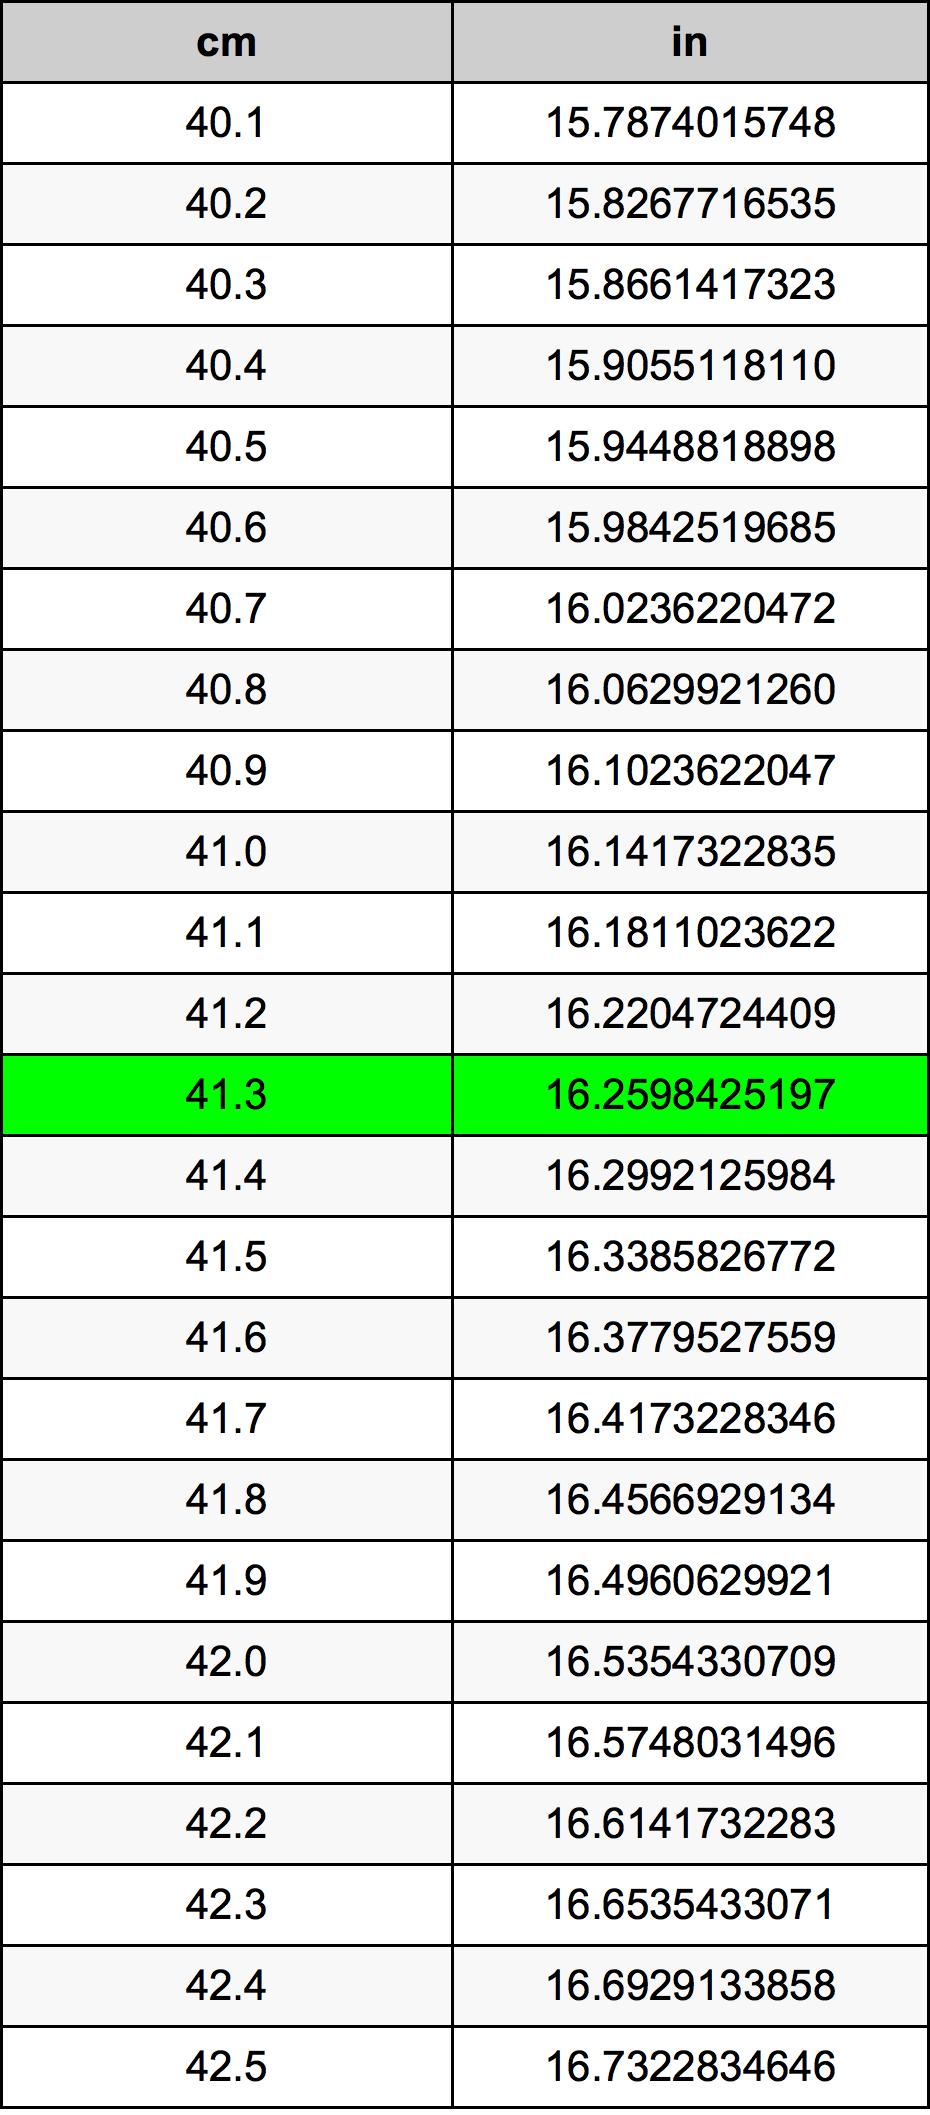 41.3 Centiméter átszámítási táblázat